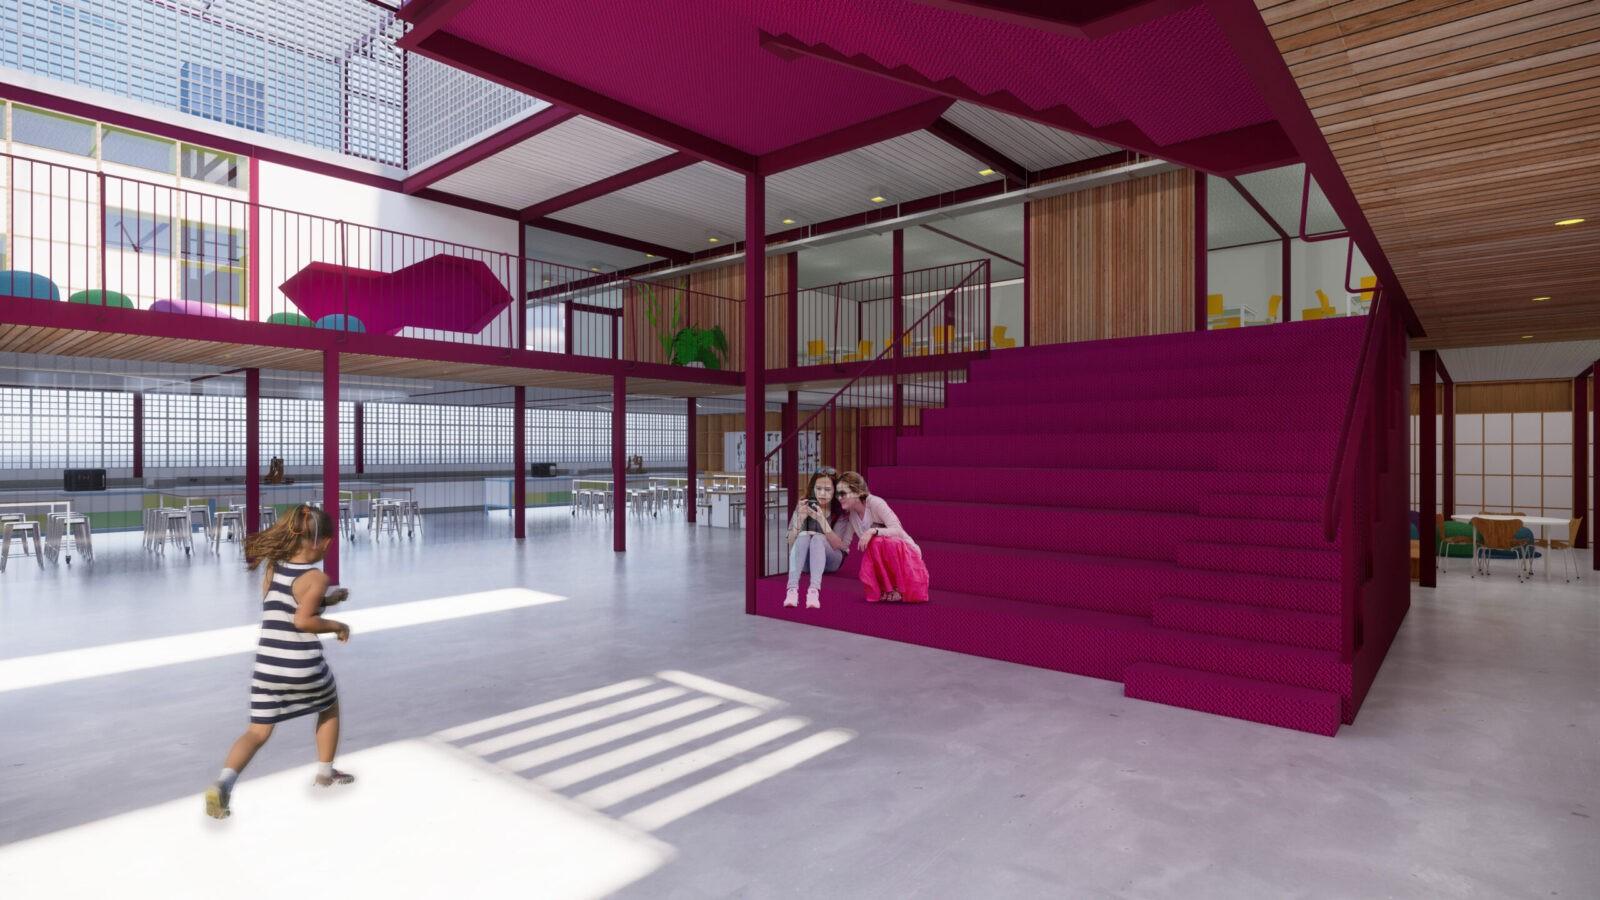 projeto arquitetônico escola infantil casa fundamental gabriel castro mobio arquitetura belo horizonte